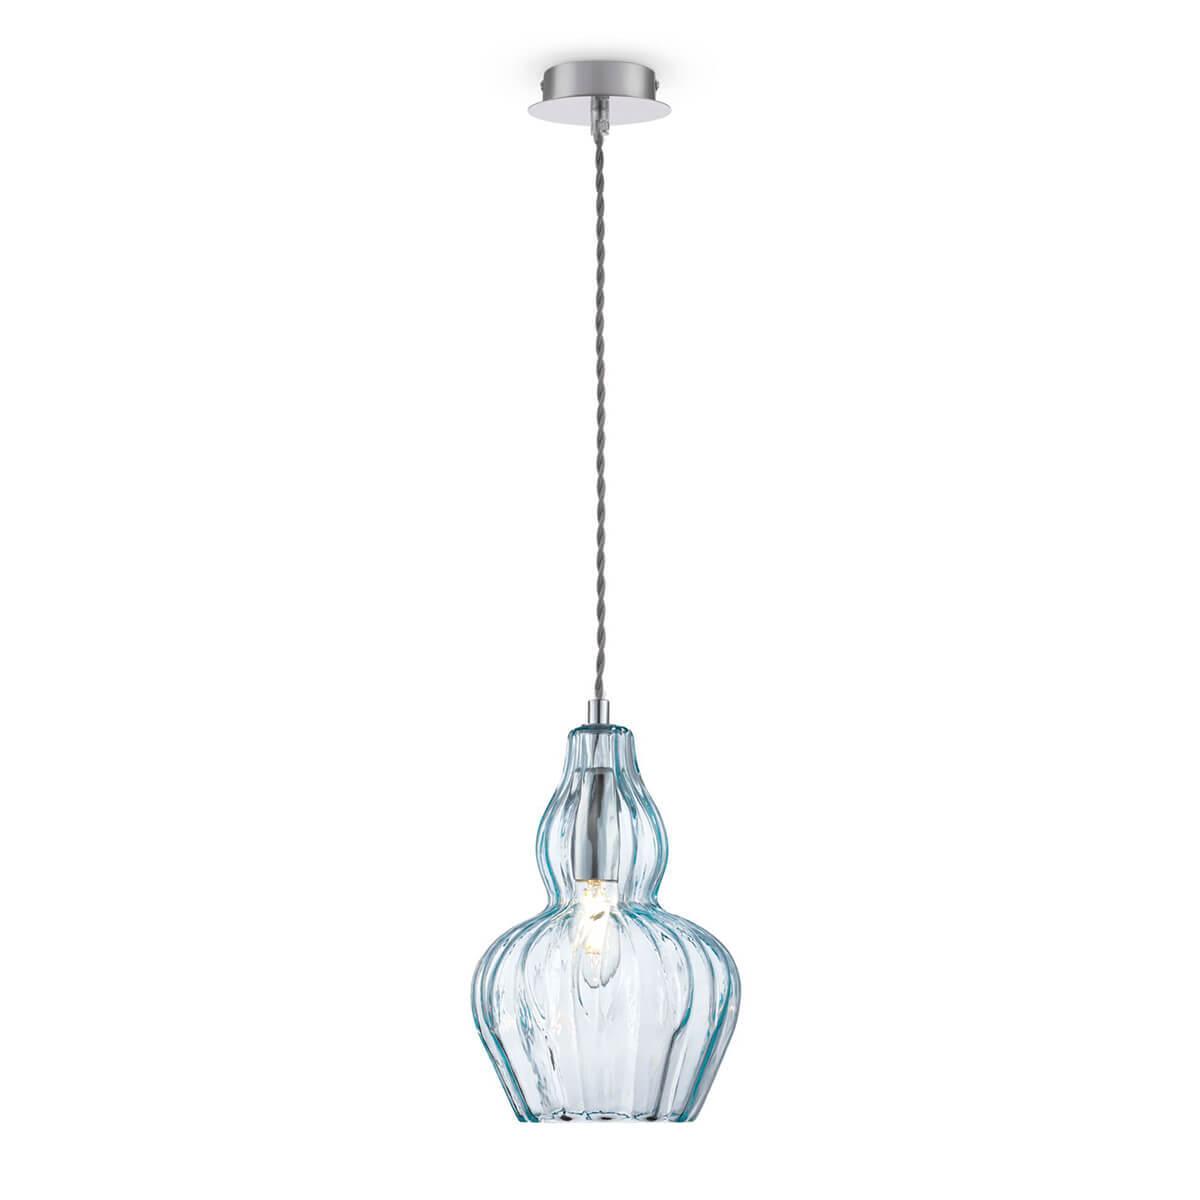 Подвесной светильник Maytoni Eustoma MOD238-PL-01-BL цена